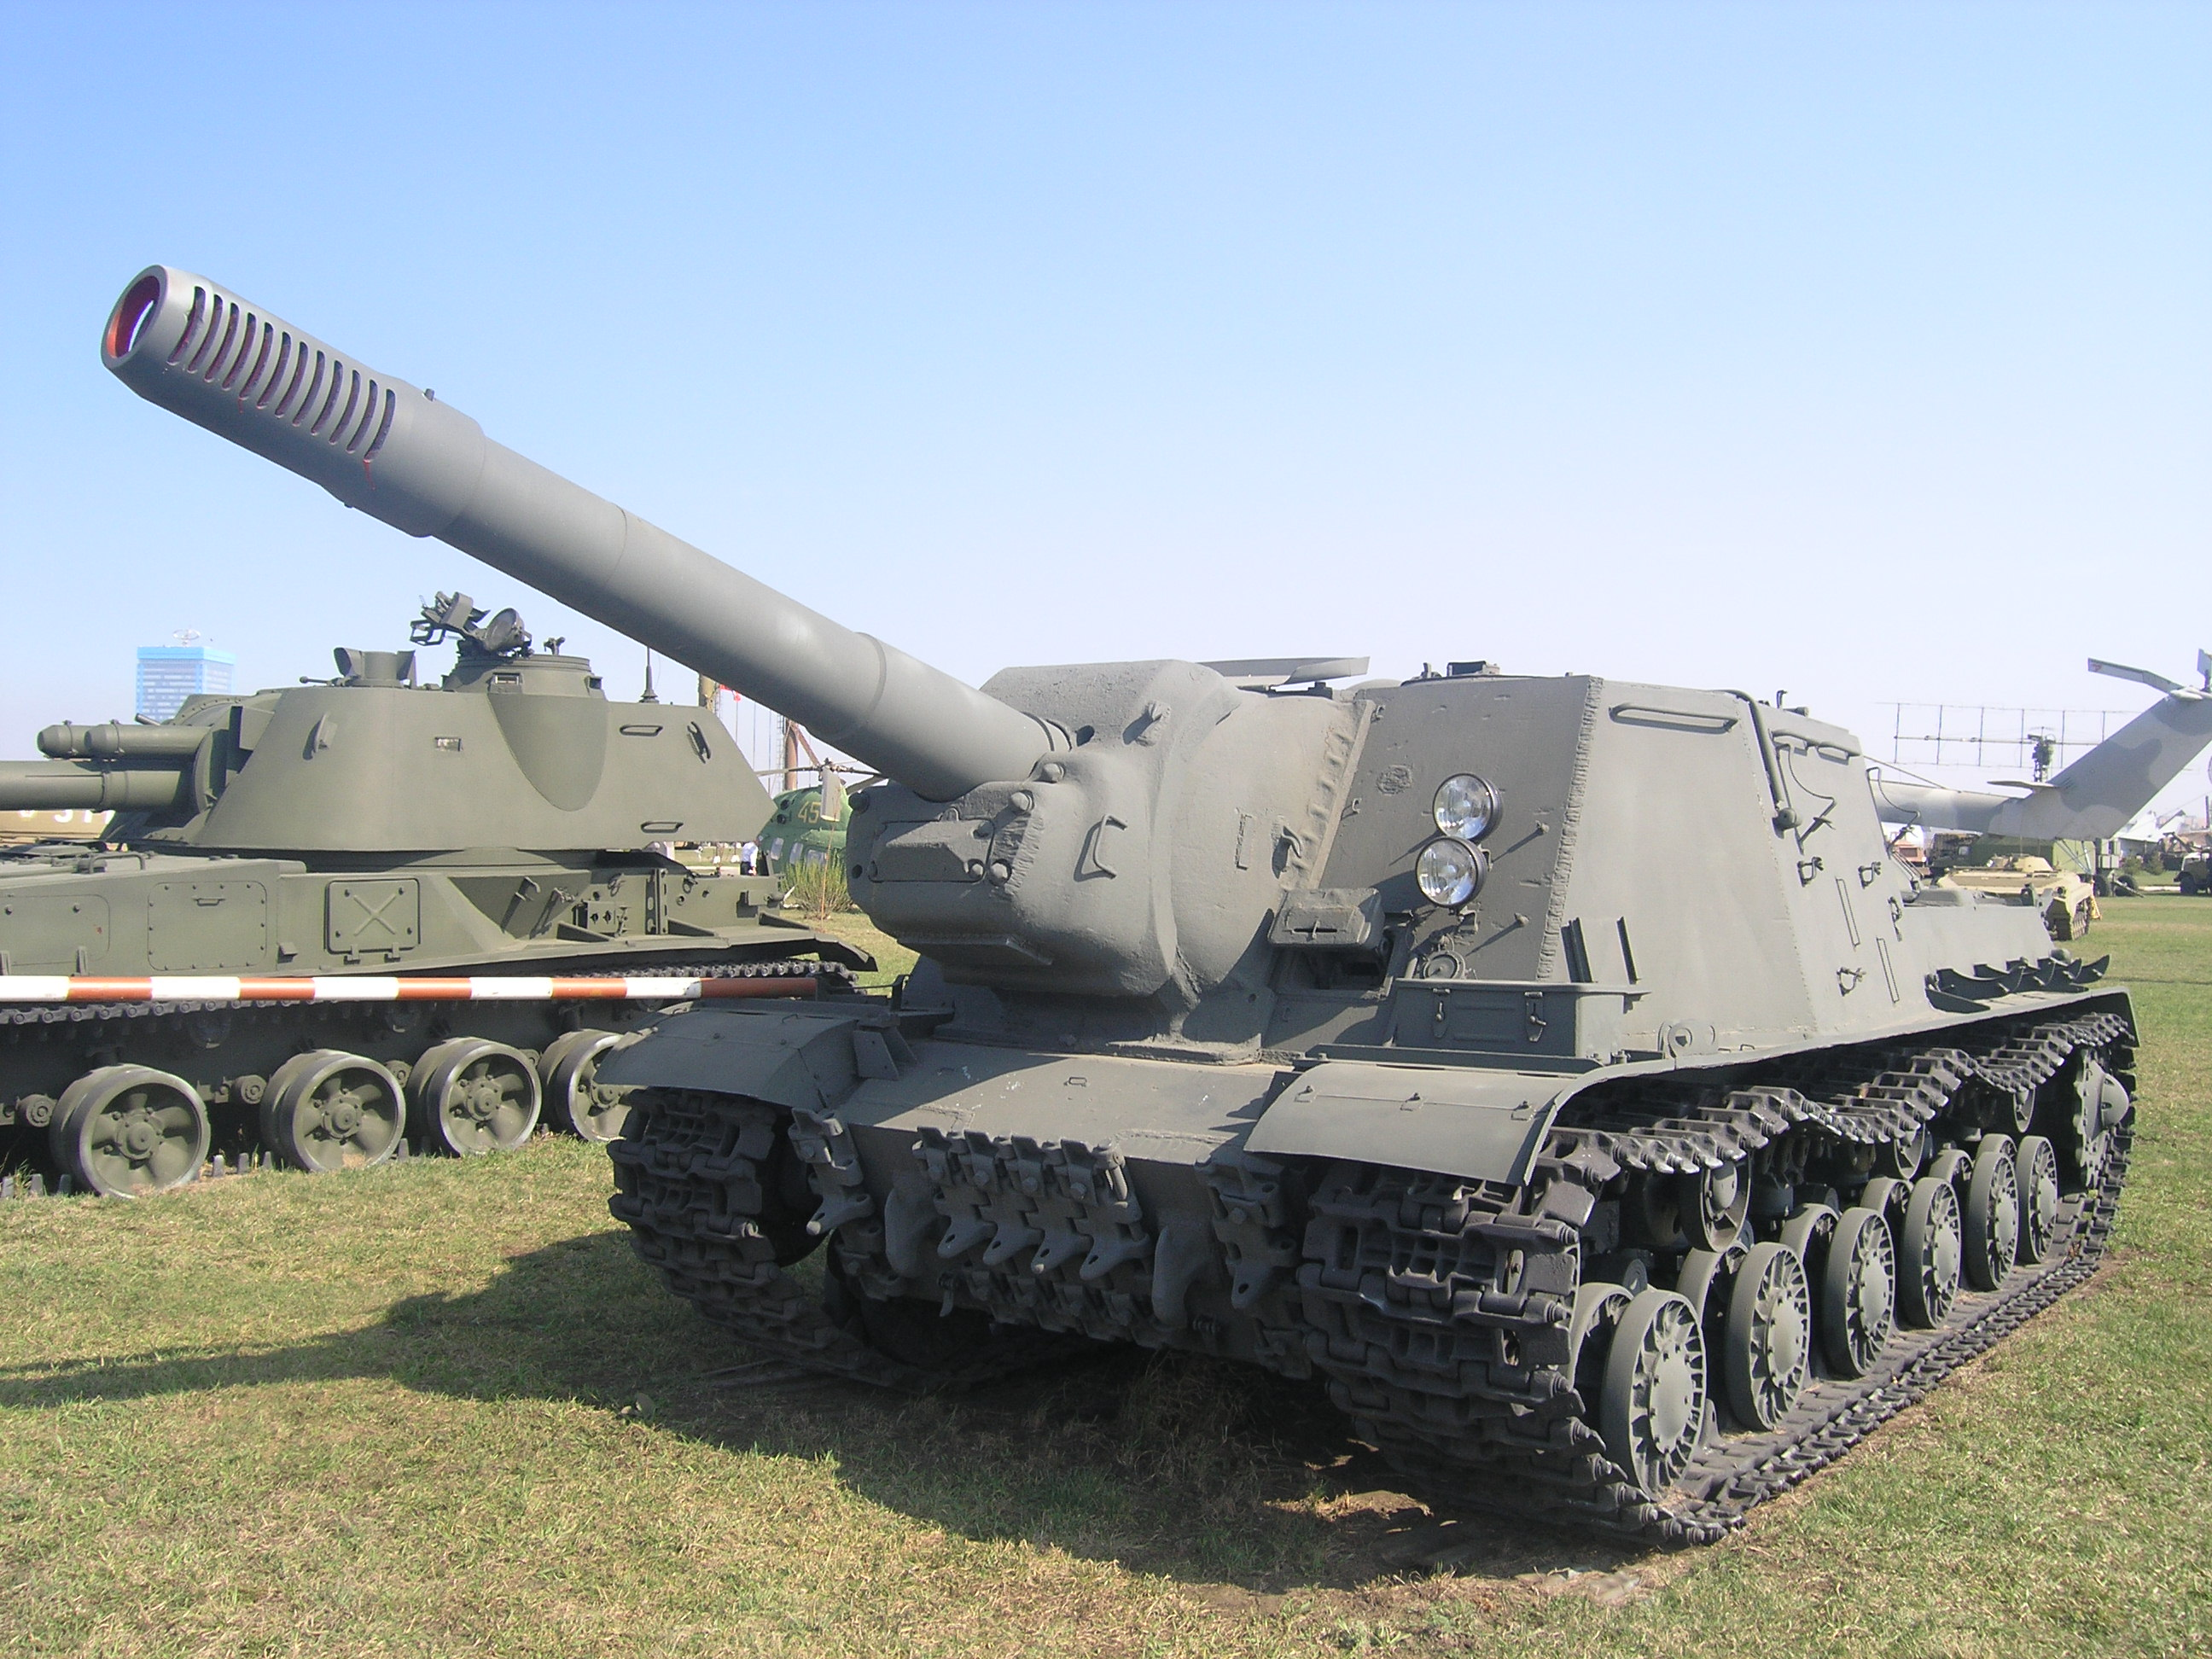 Файл:ISU-152 in technical museum in Togliatti.JPG